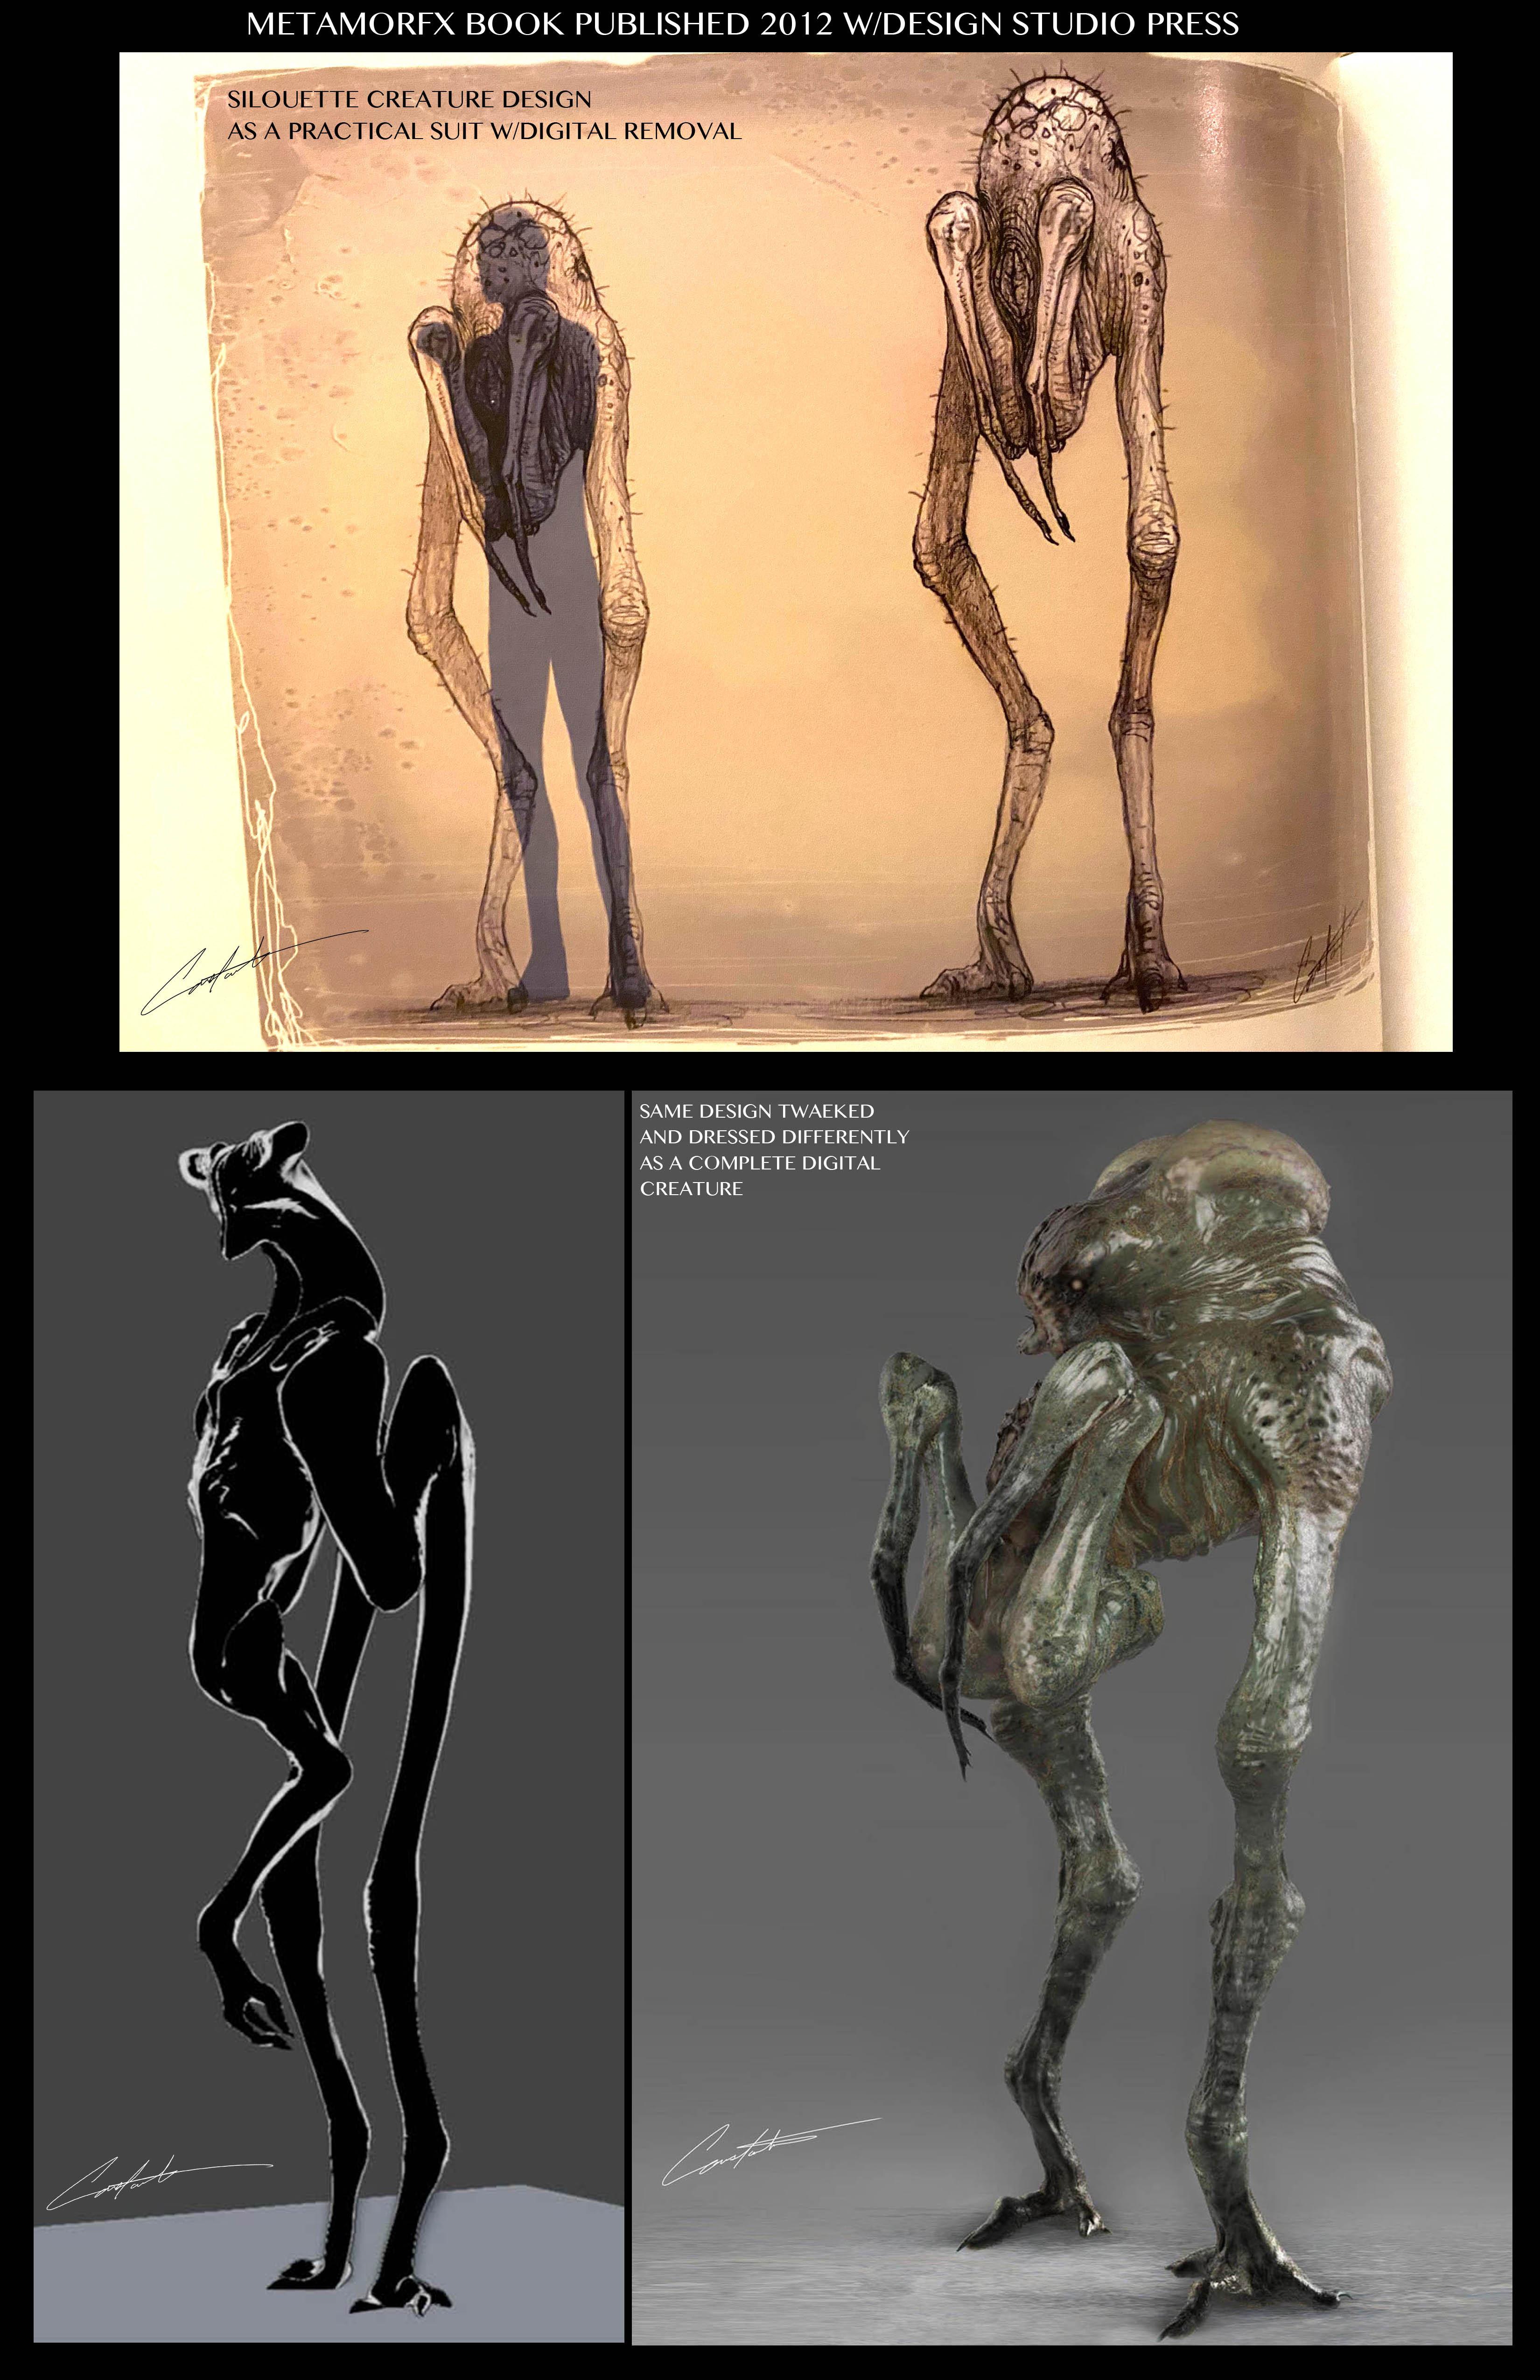 Creature designs 2012